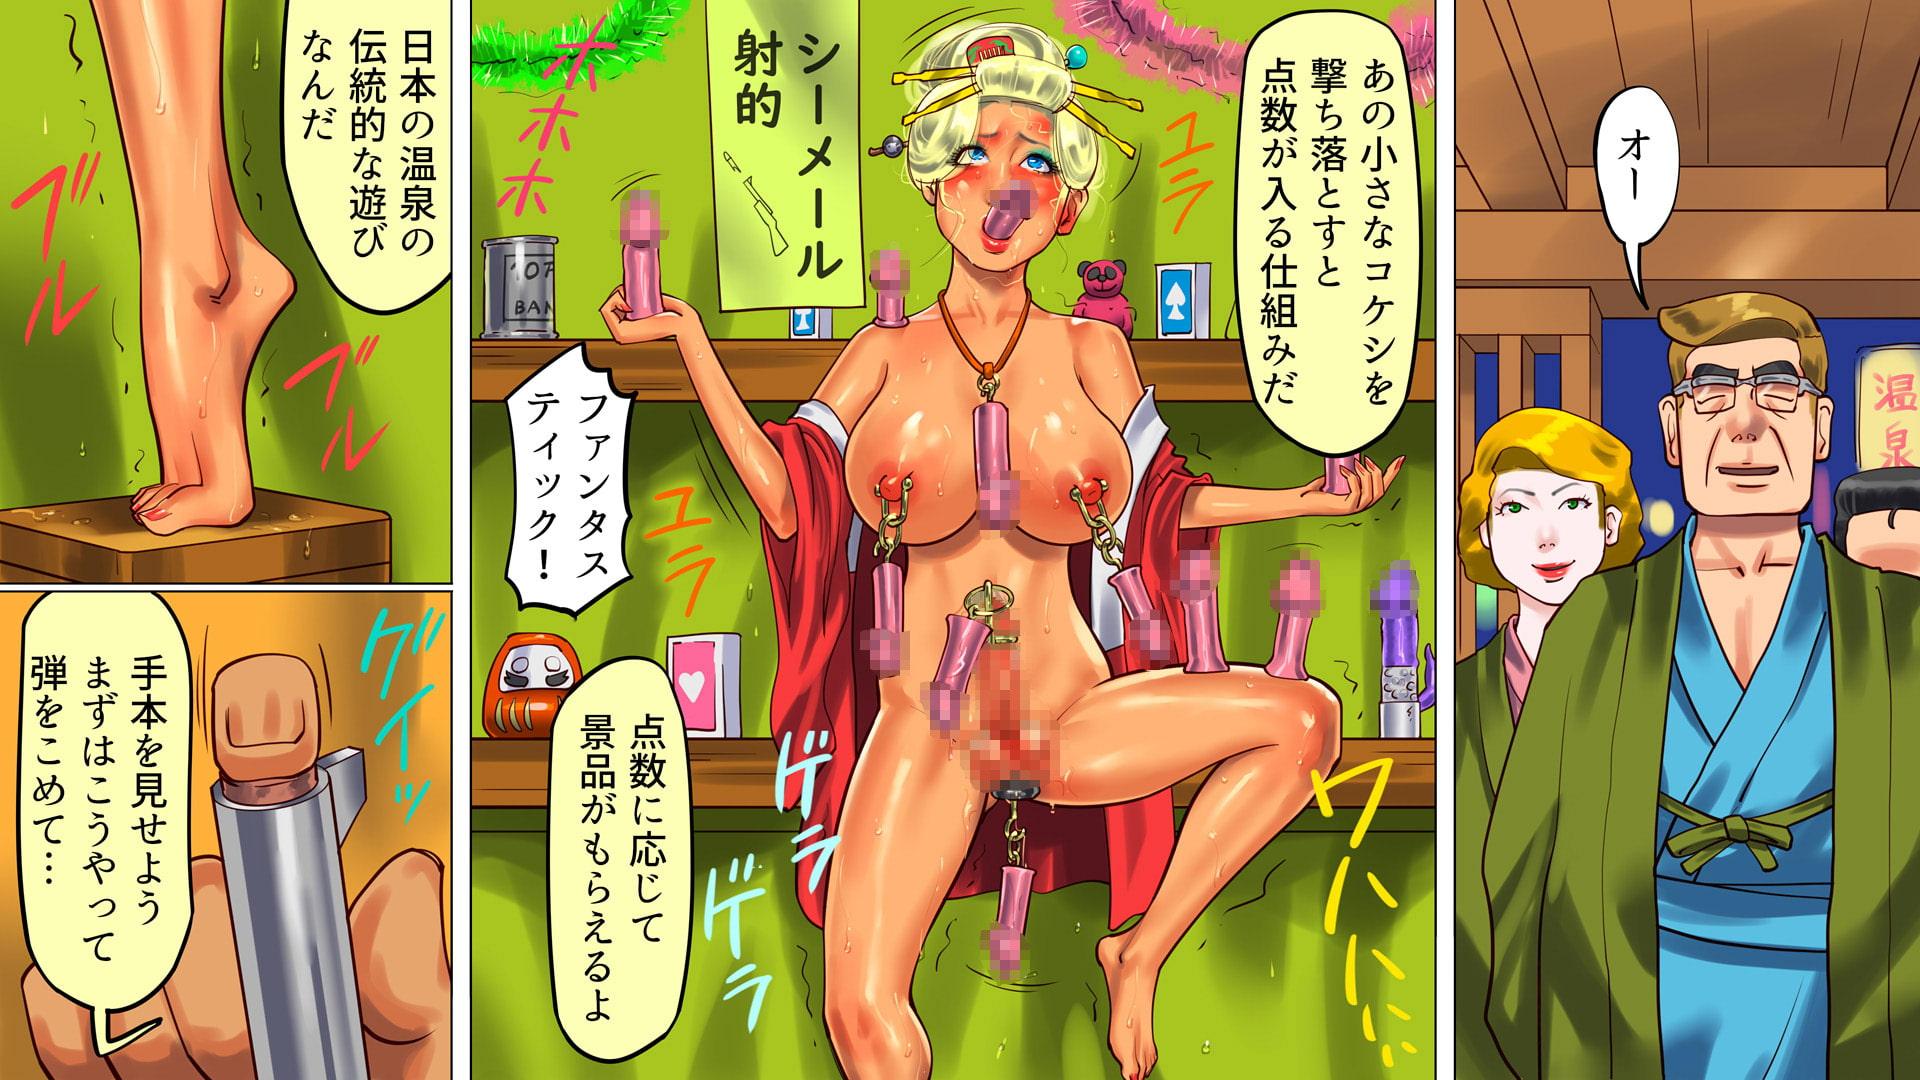 シーメールの国のアリスの冒険3 恥辱の温泉街・全裸緊縛引き回し